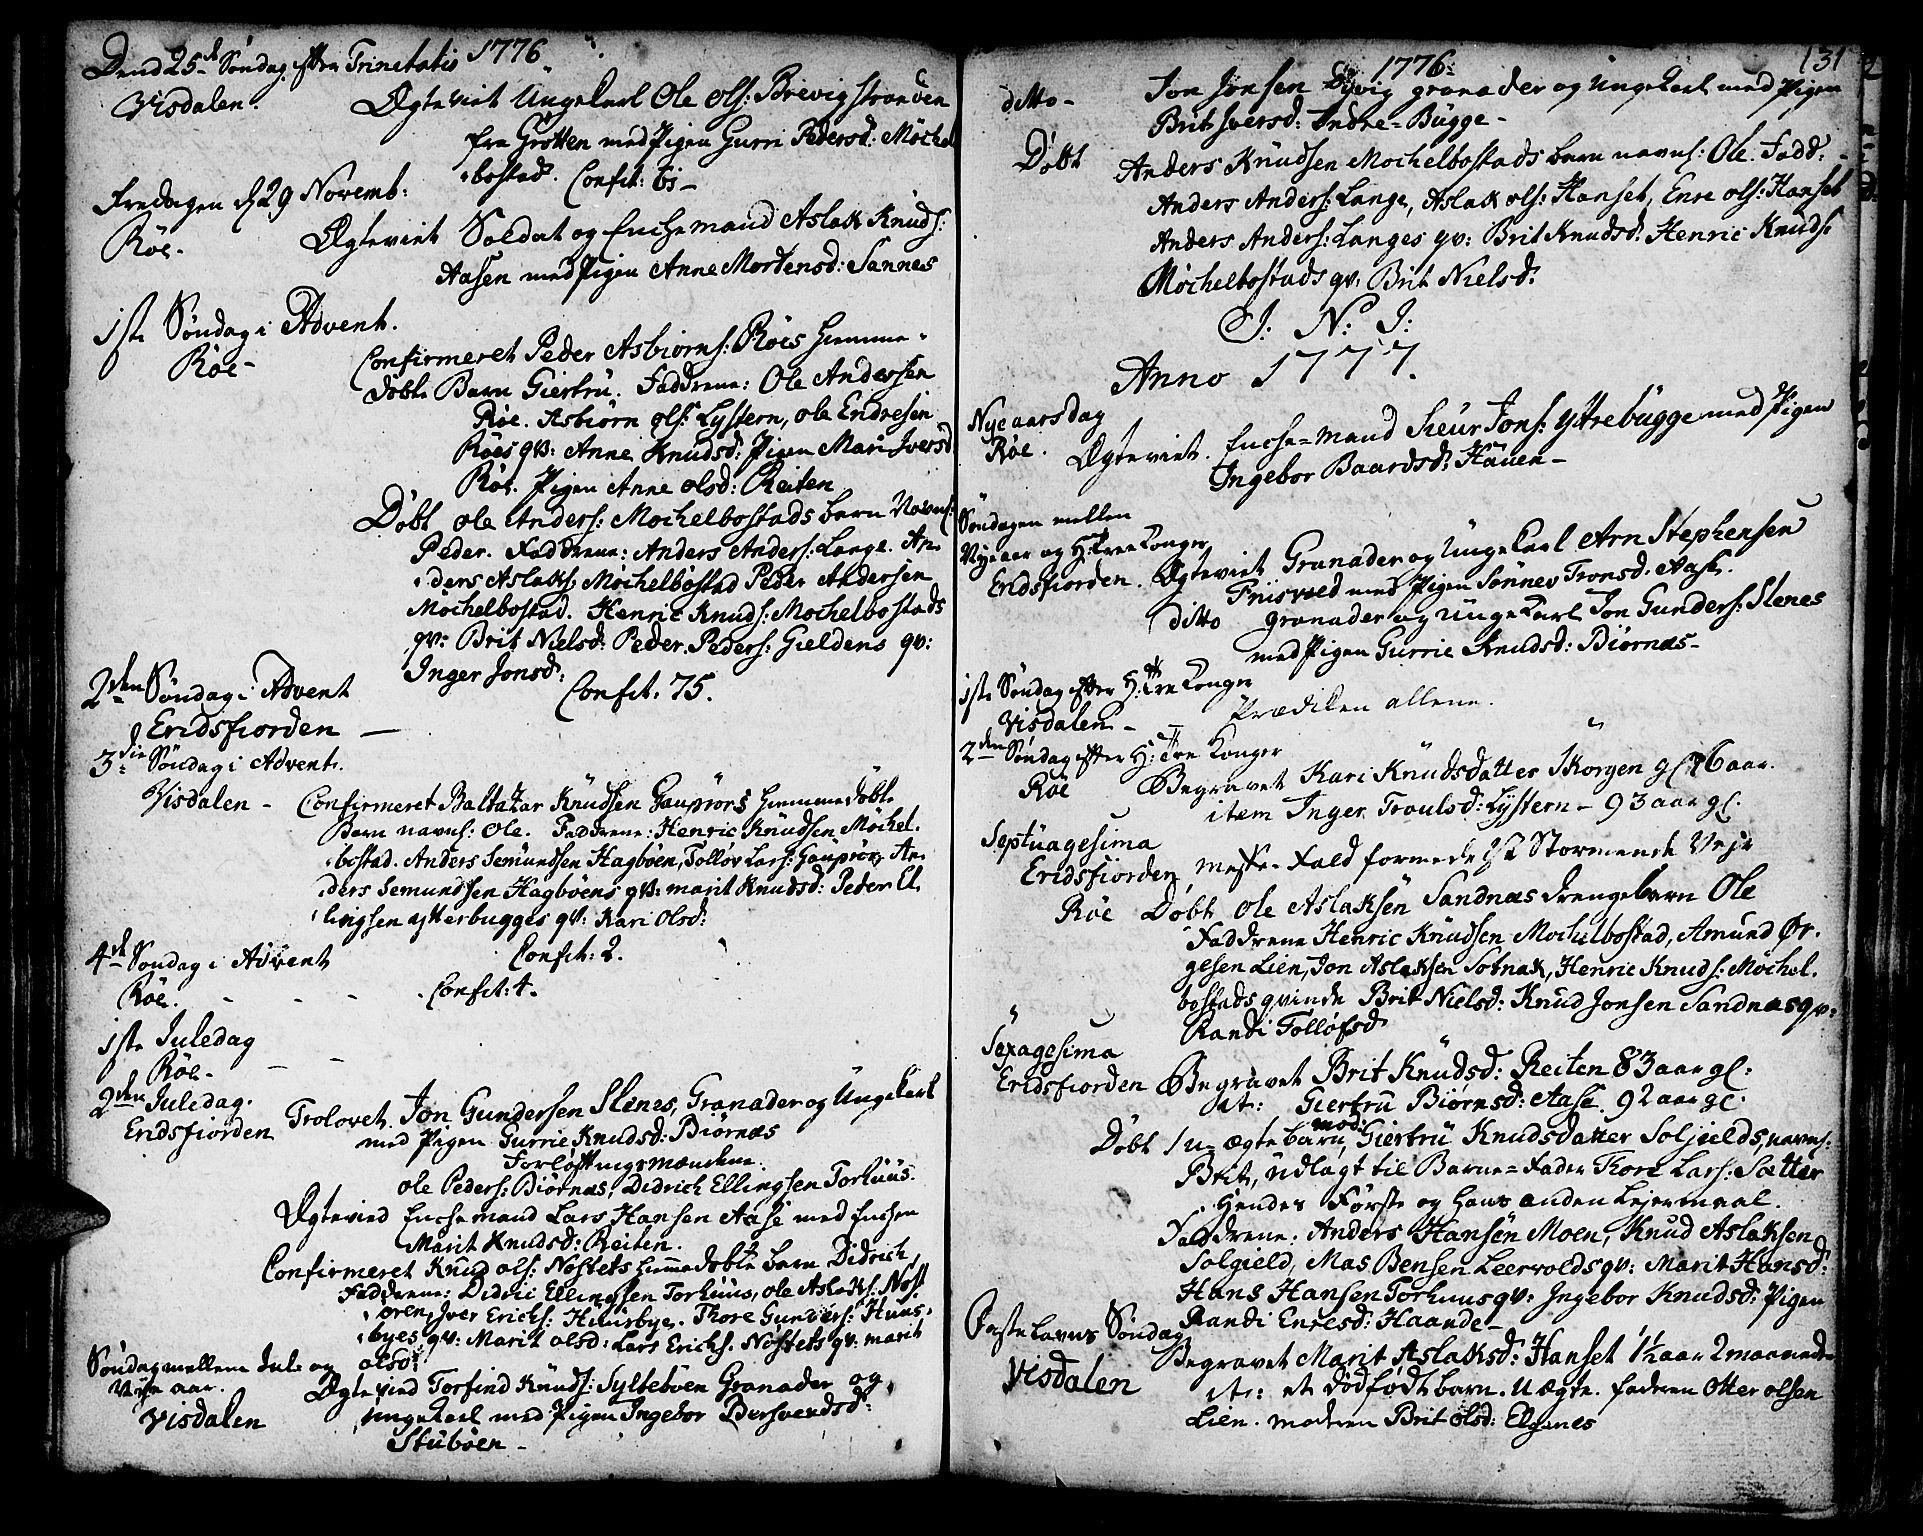 SAT, Ministerialprotokoller, klokkerbøker og fødselsregistre - Møre og Romsdal, 551/L0621: Parish register (official) no. 551A01, 1757-1803, p. 131